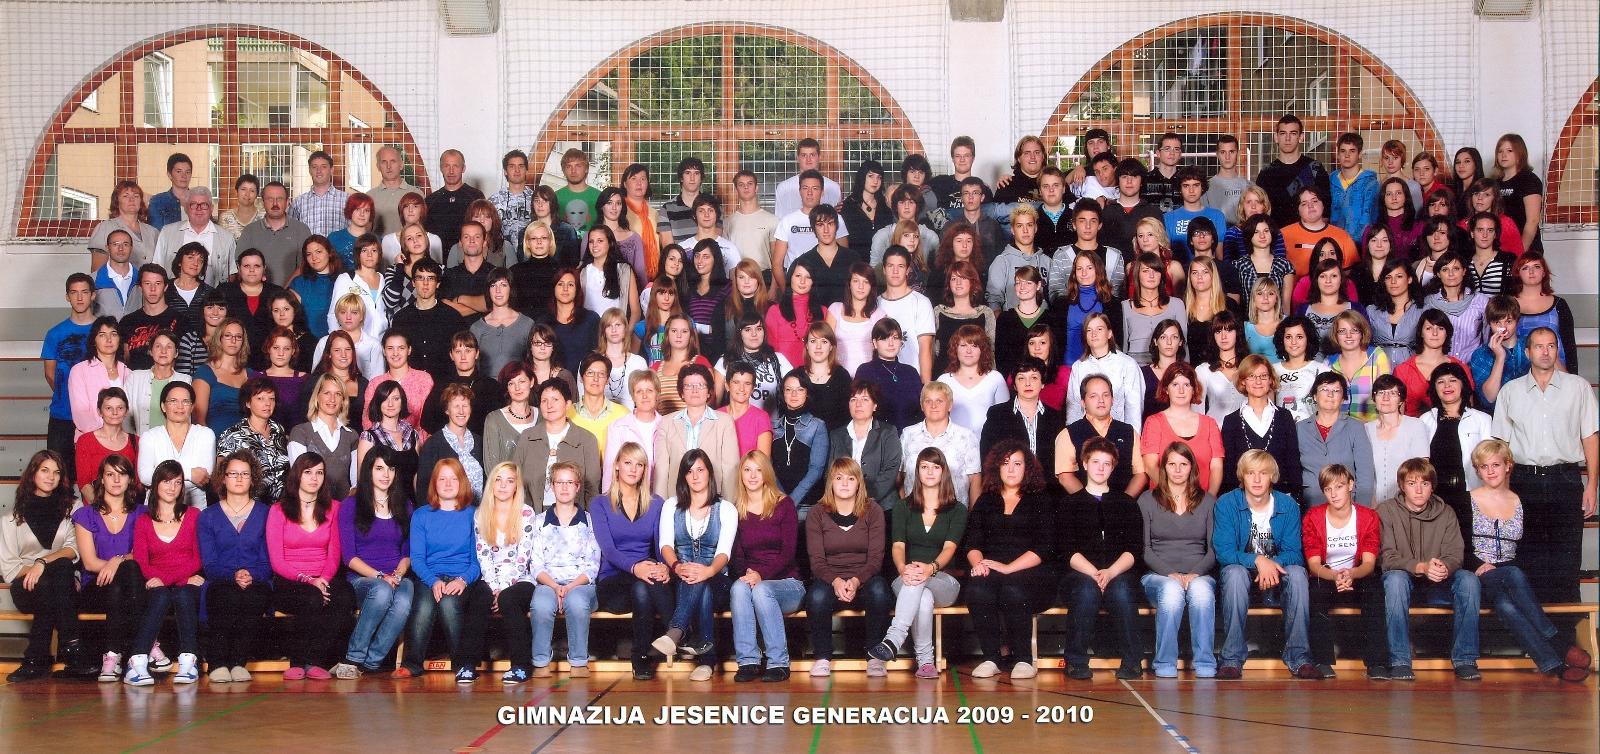 2010-gen-1600-x-754